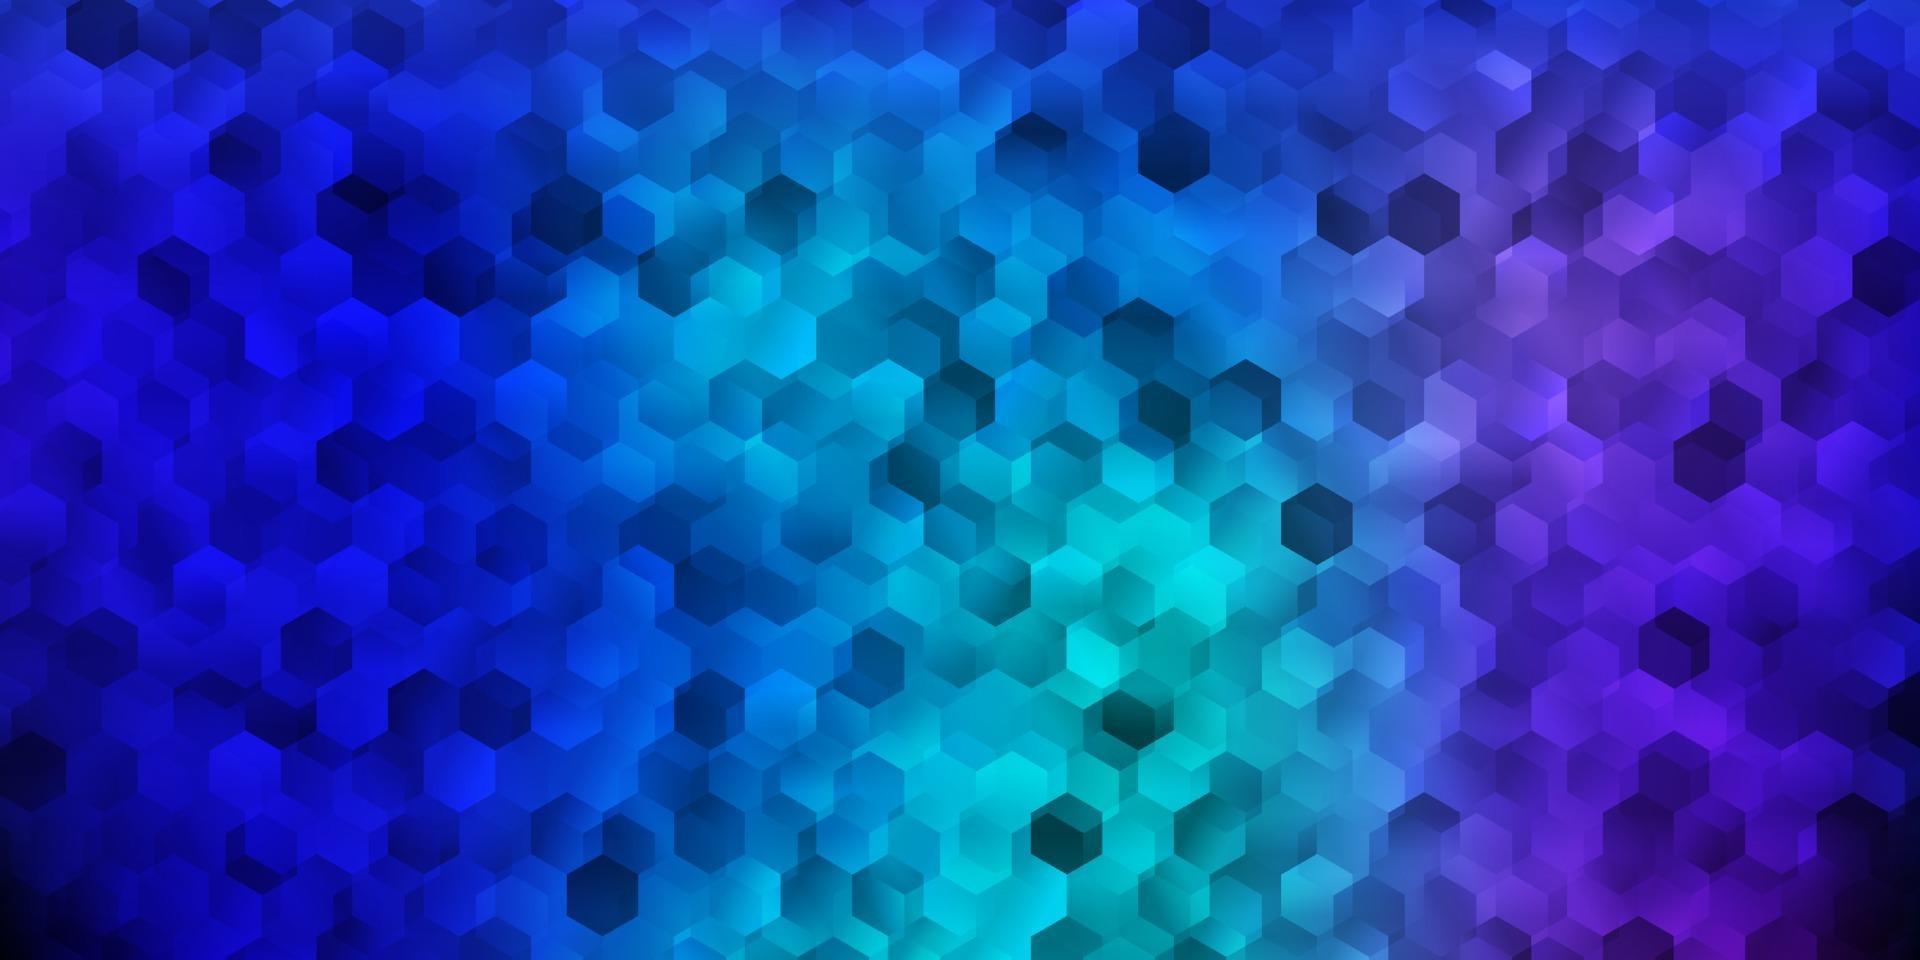 donkerroze, blauw vectorpatroon met zeshoeken. vector